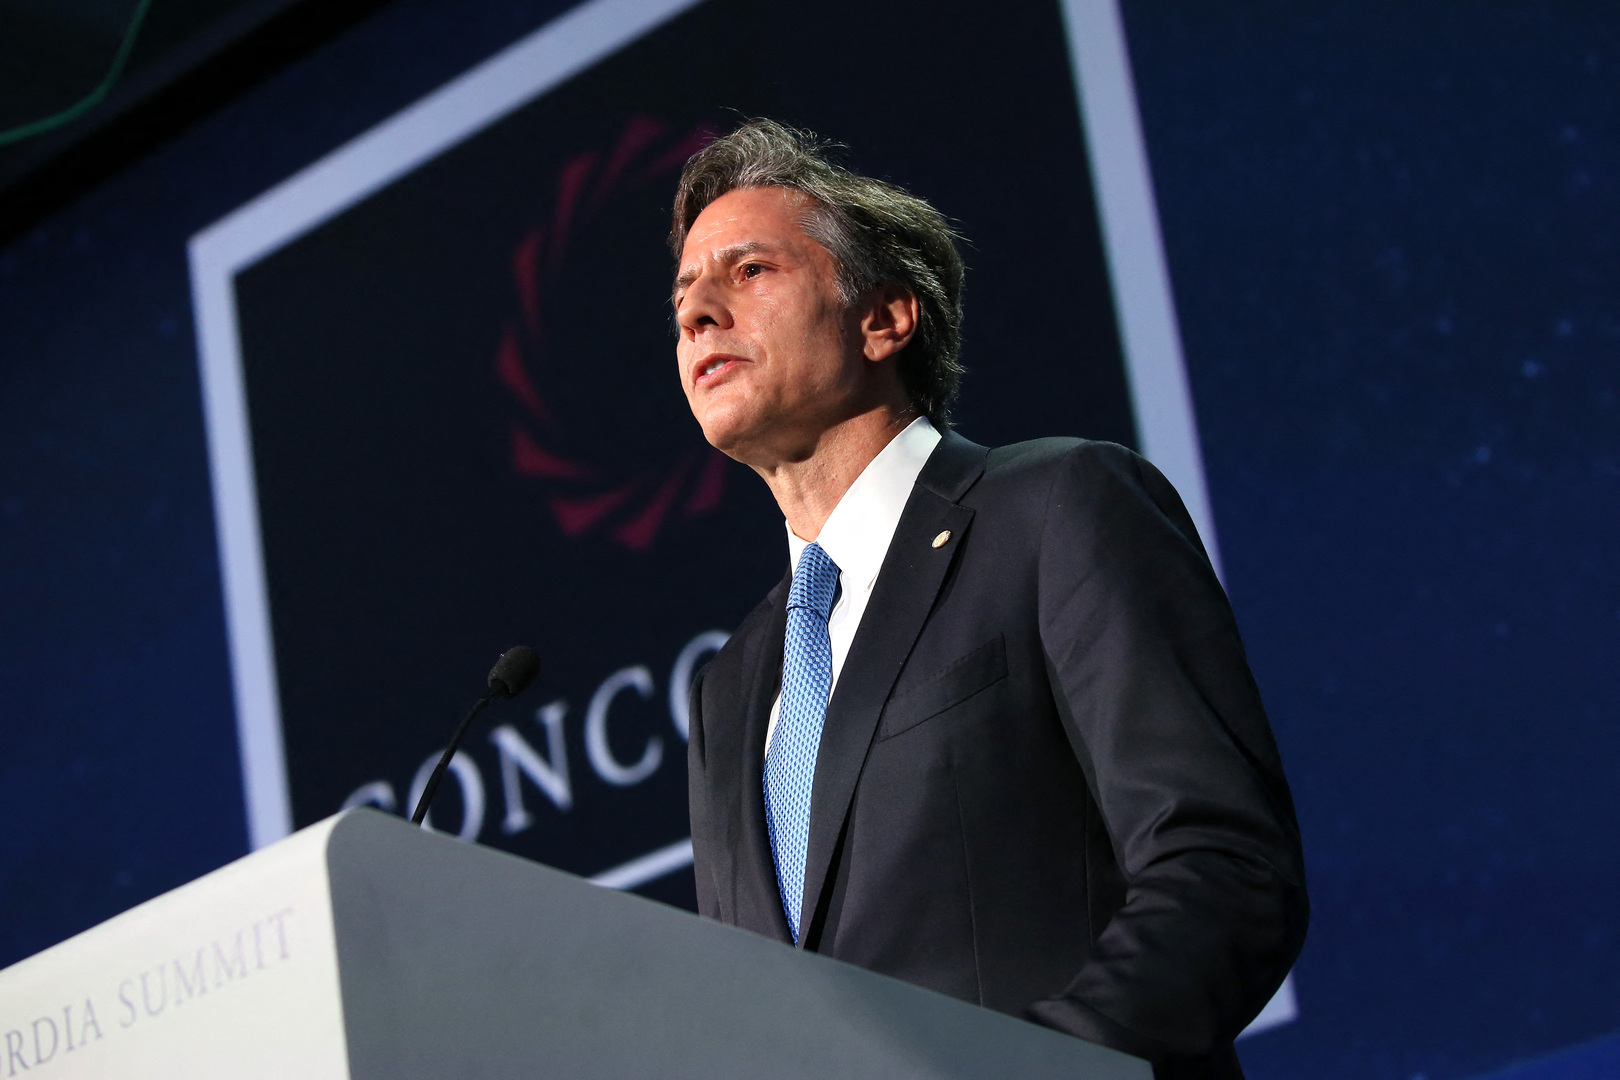 وزير الخارجية الأمريكي يصرح بعدم كفاية شفافية الصين في قضية وباء كورونا